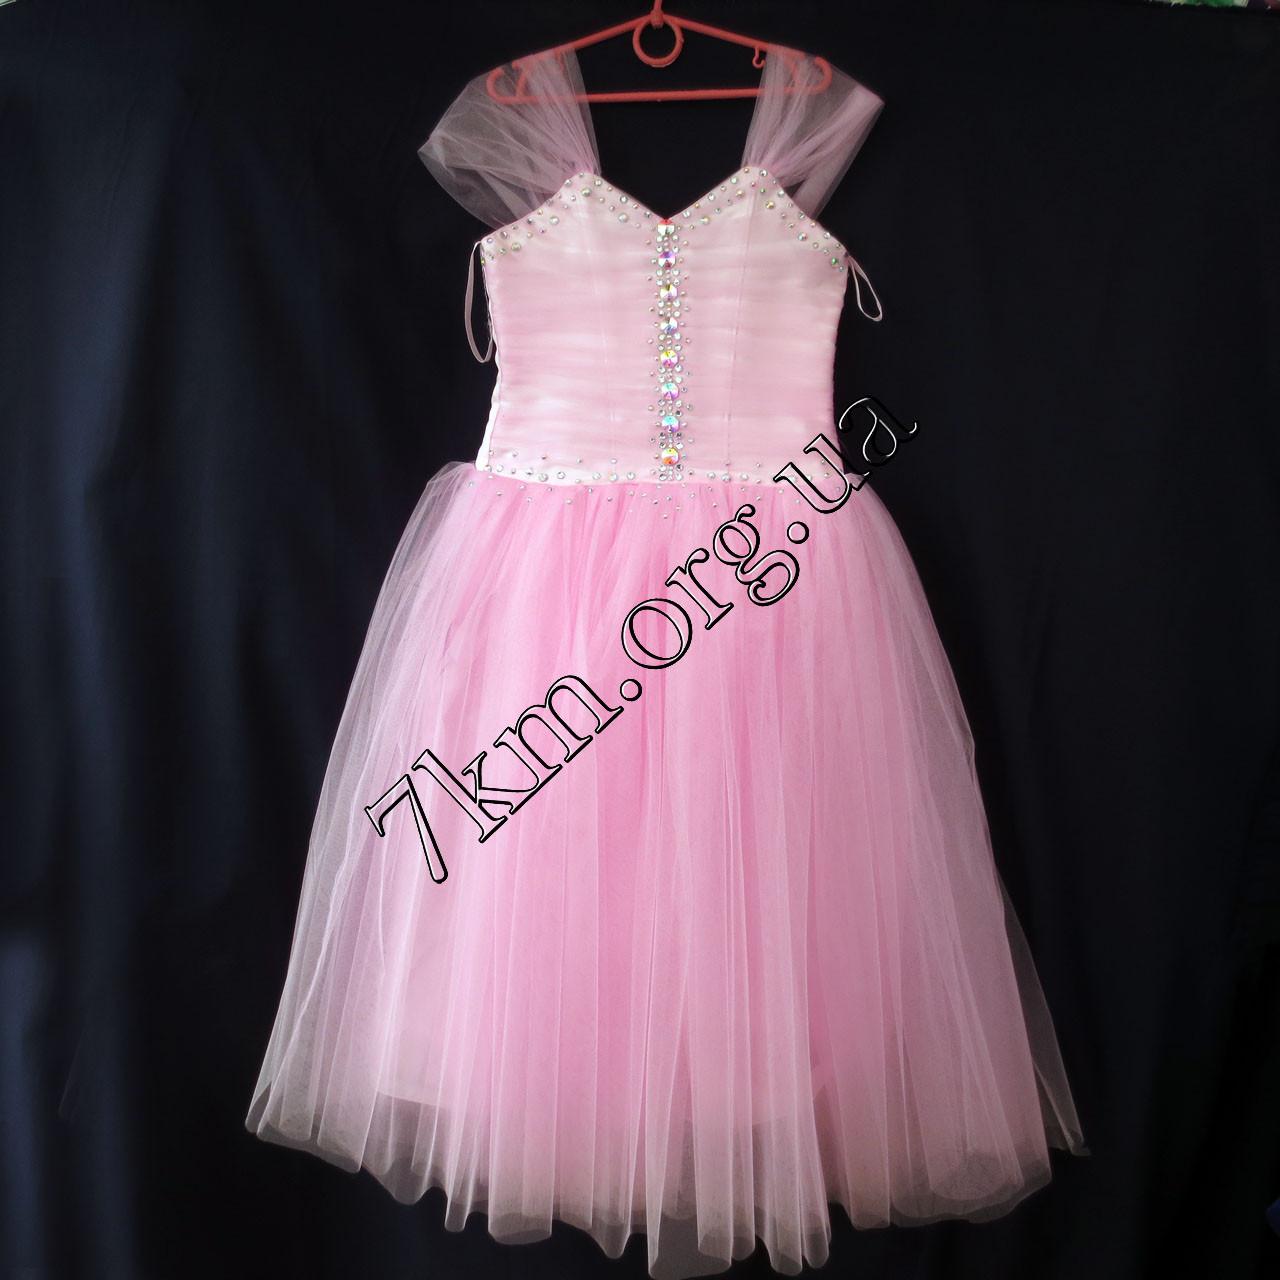 Платье нарядное бальное детское 6-7 лет Сваровски розовое Украина оптом.